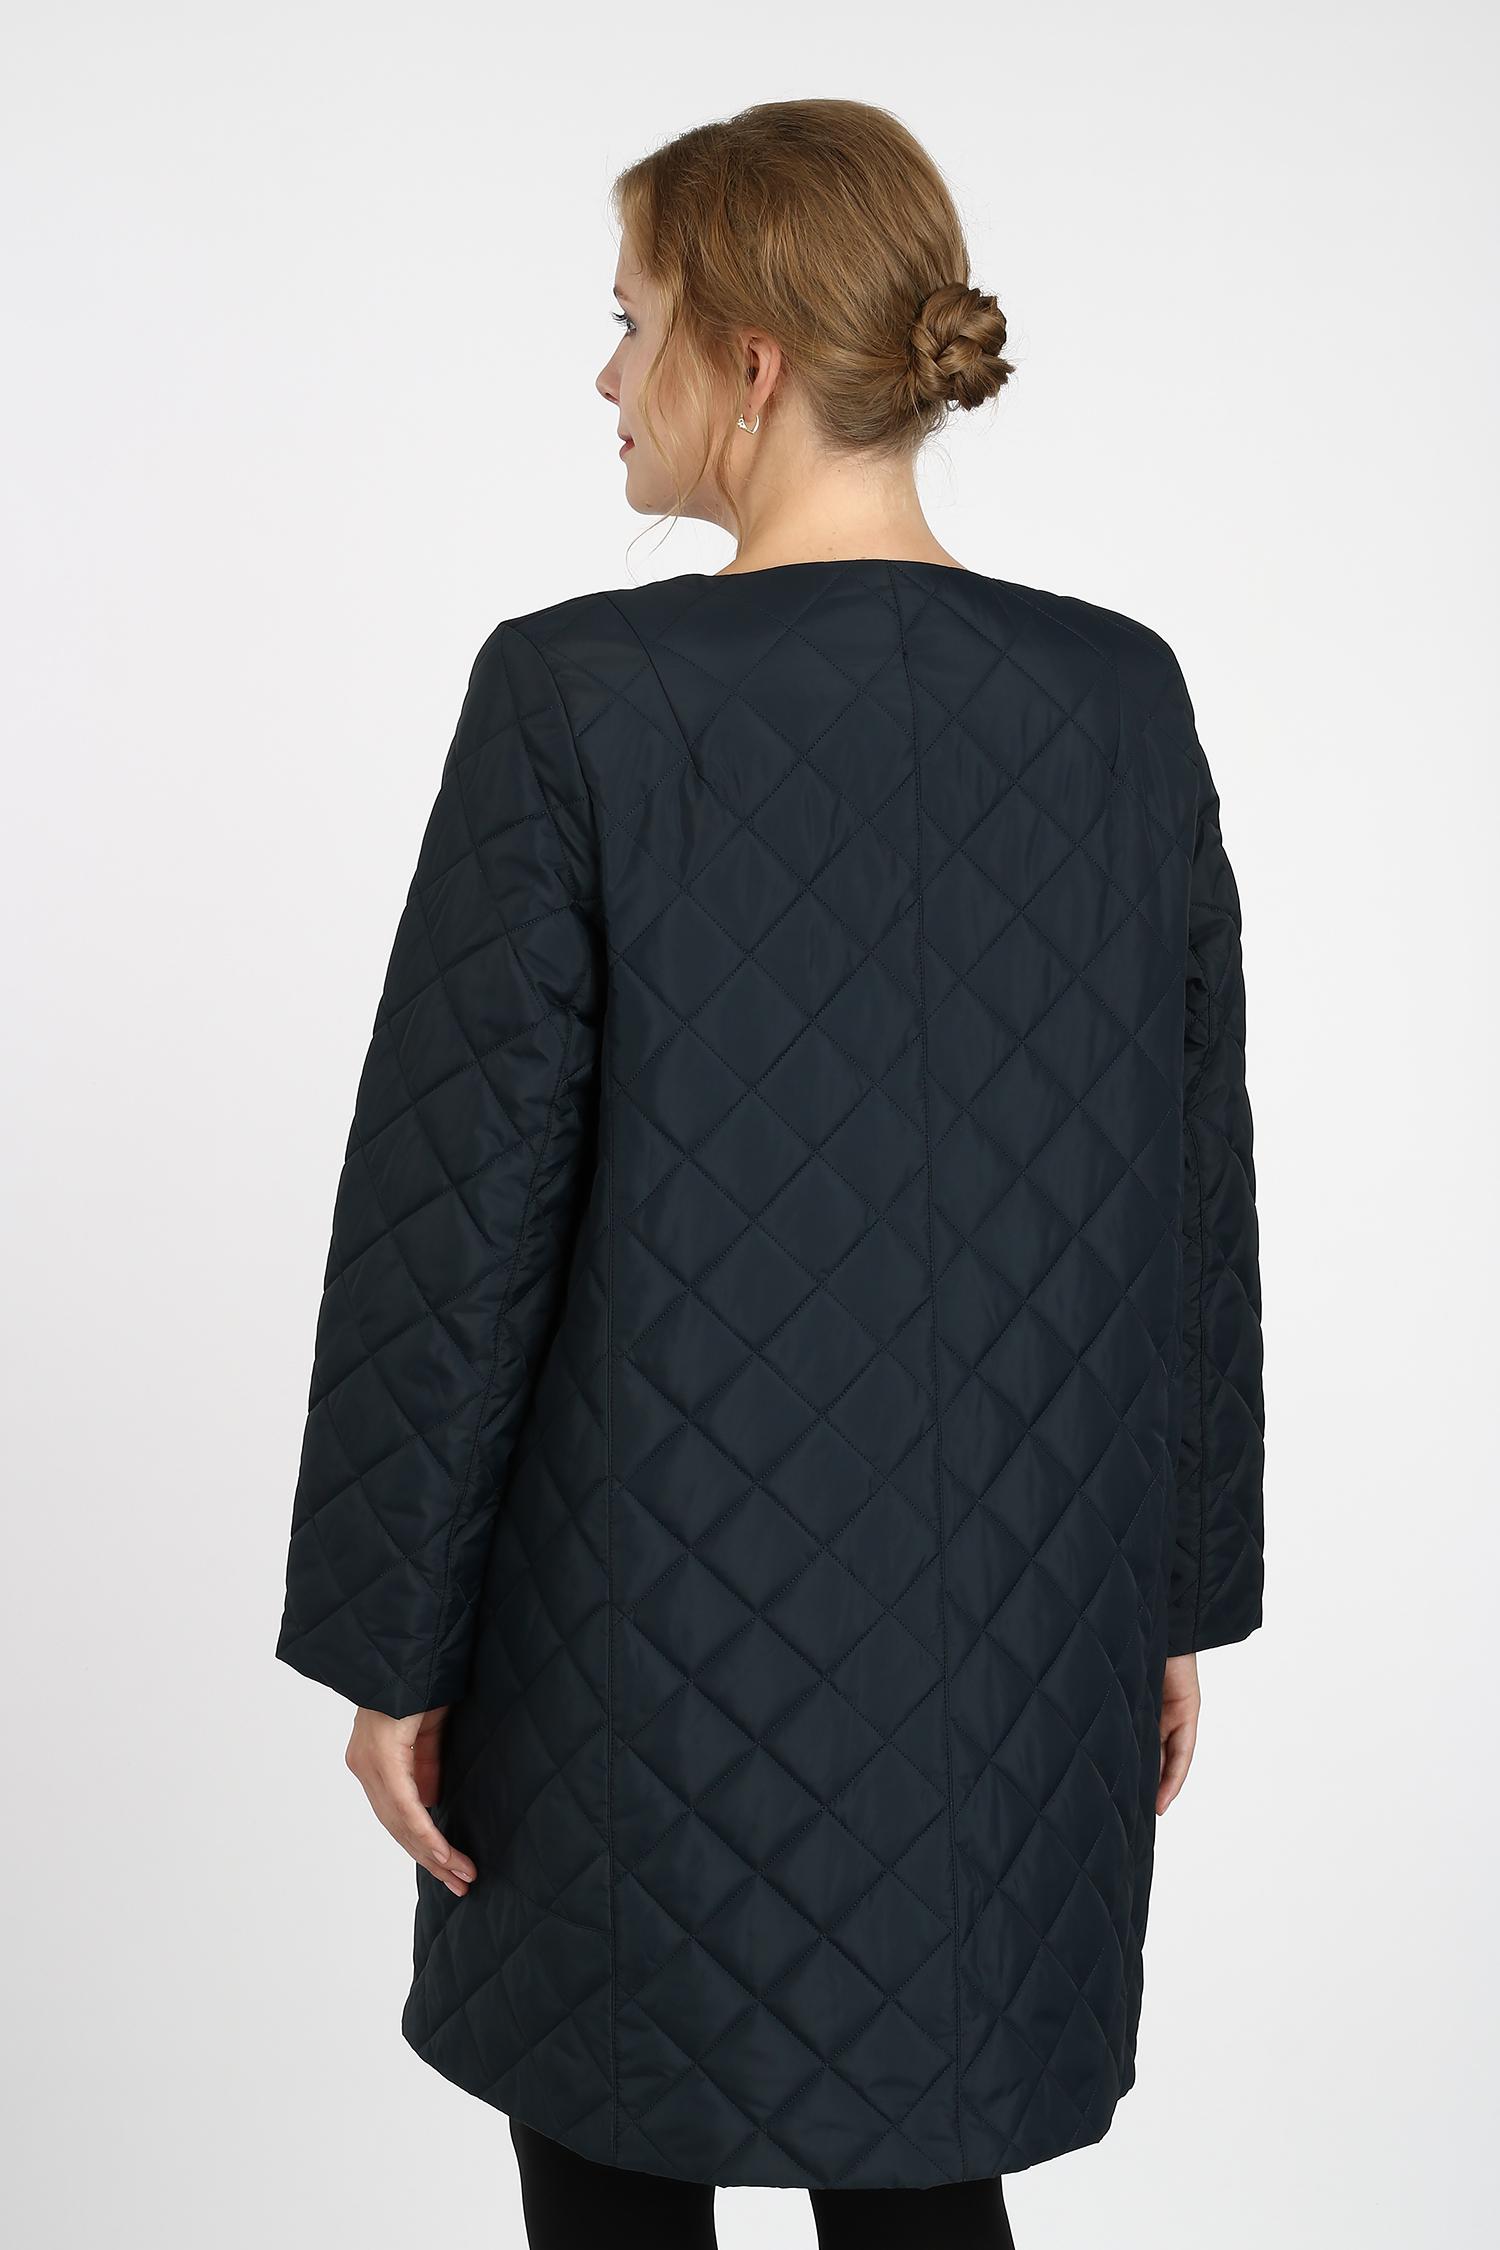 Куртка женская из текстиля без воротника, без отделки